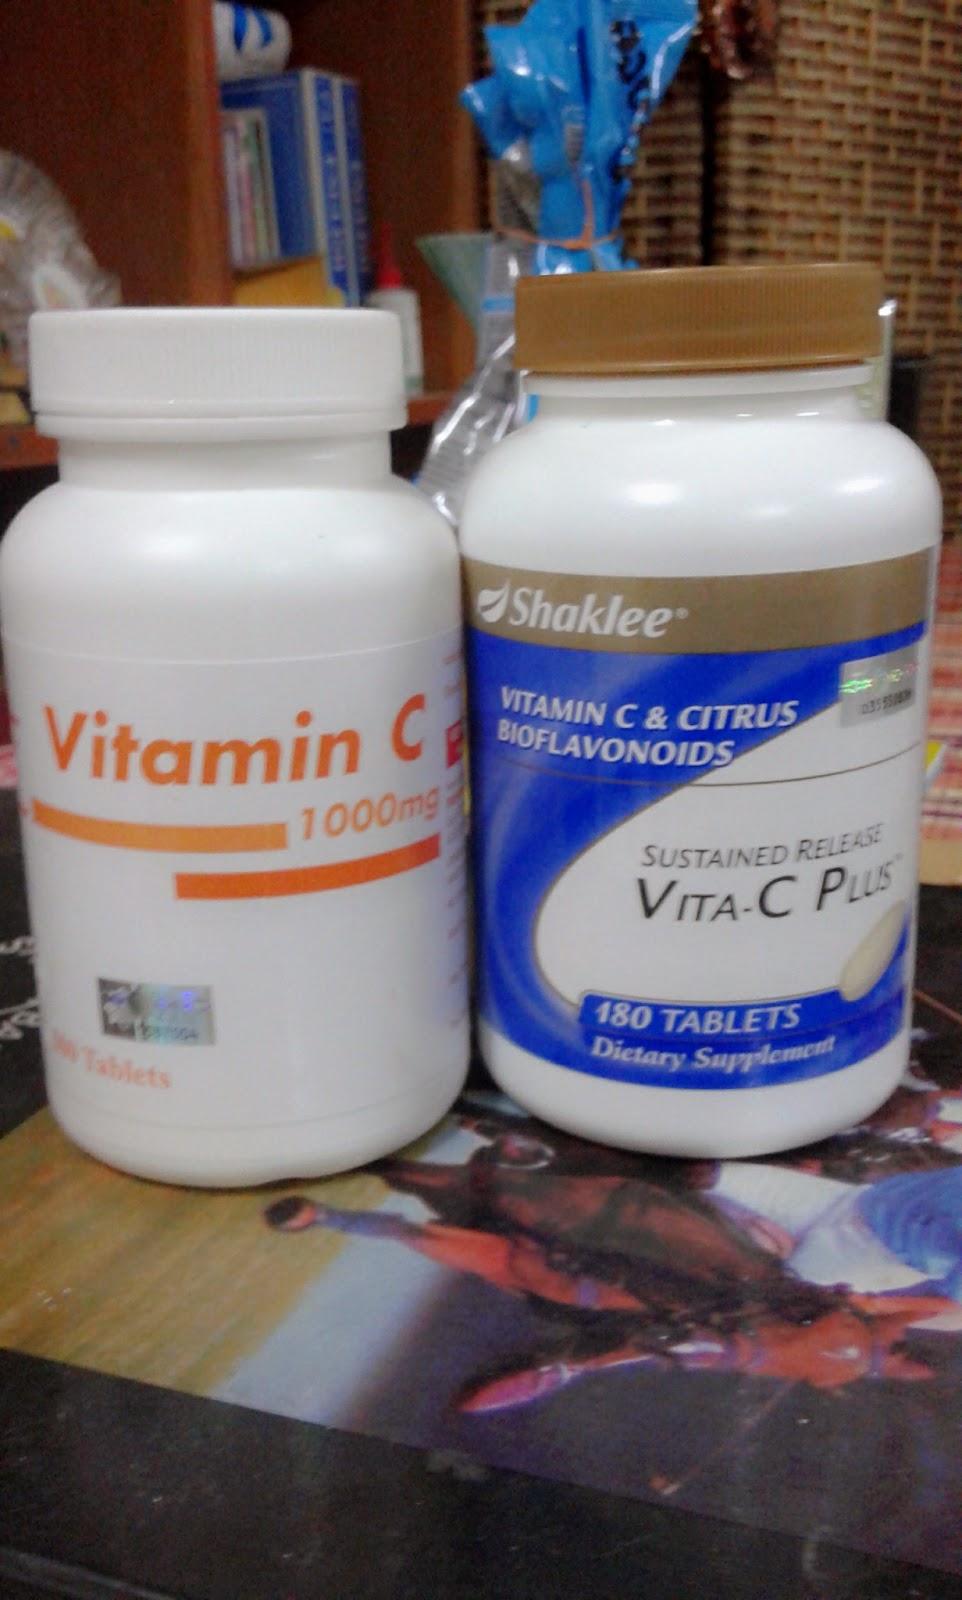 vitamin c shaklee,vitamin c pahang pharma, sskit scurvy, menghaluskan kulit,menghilangkan jerawat.